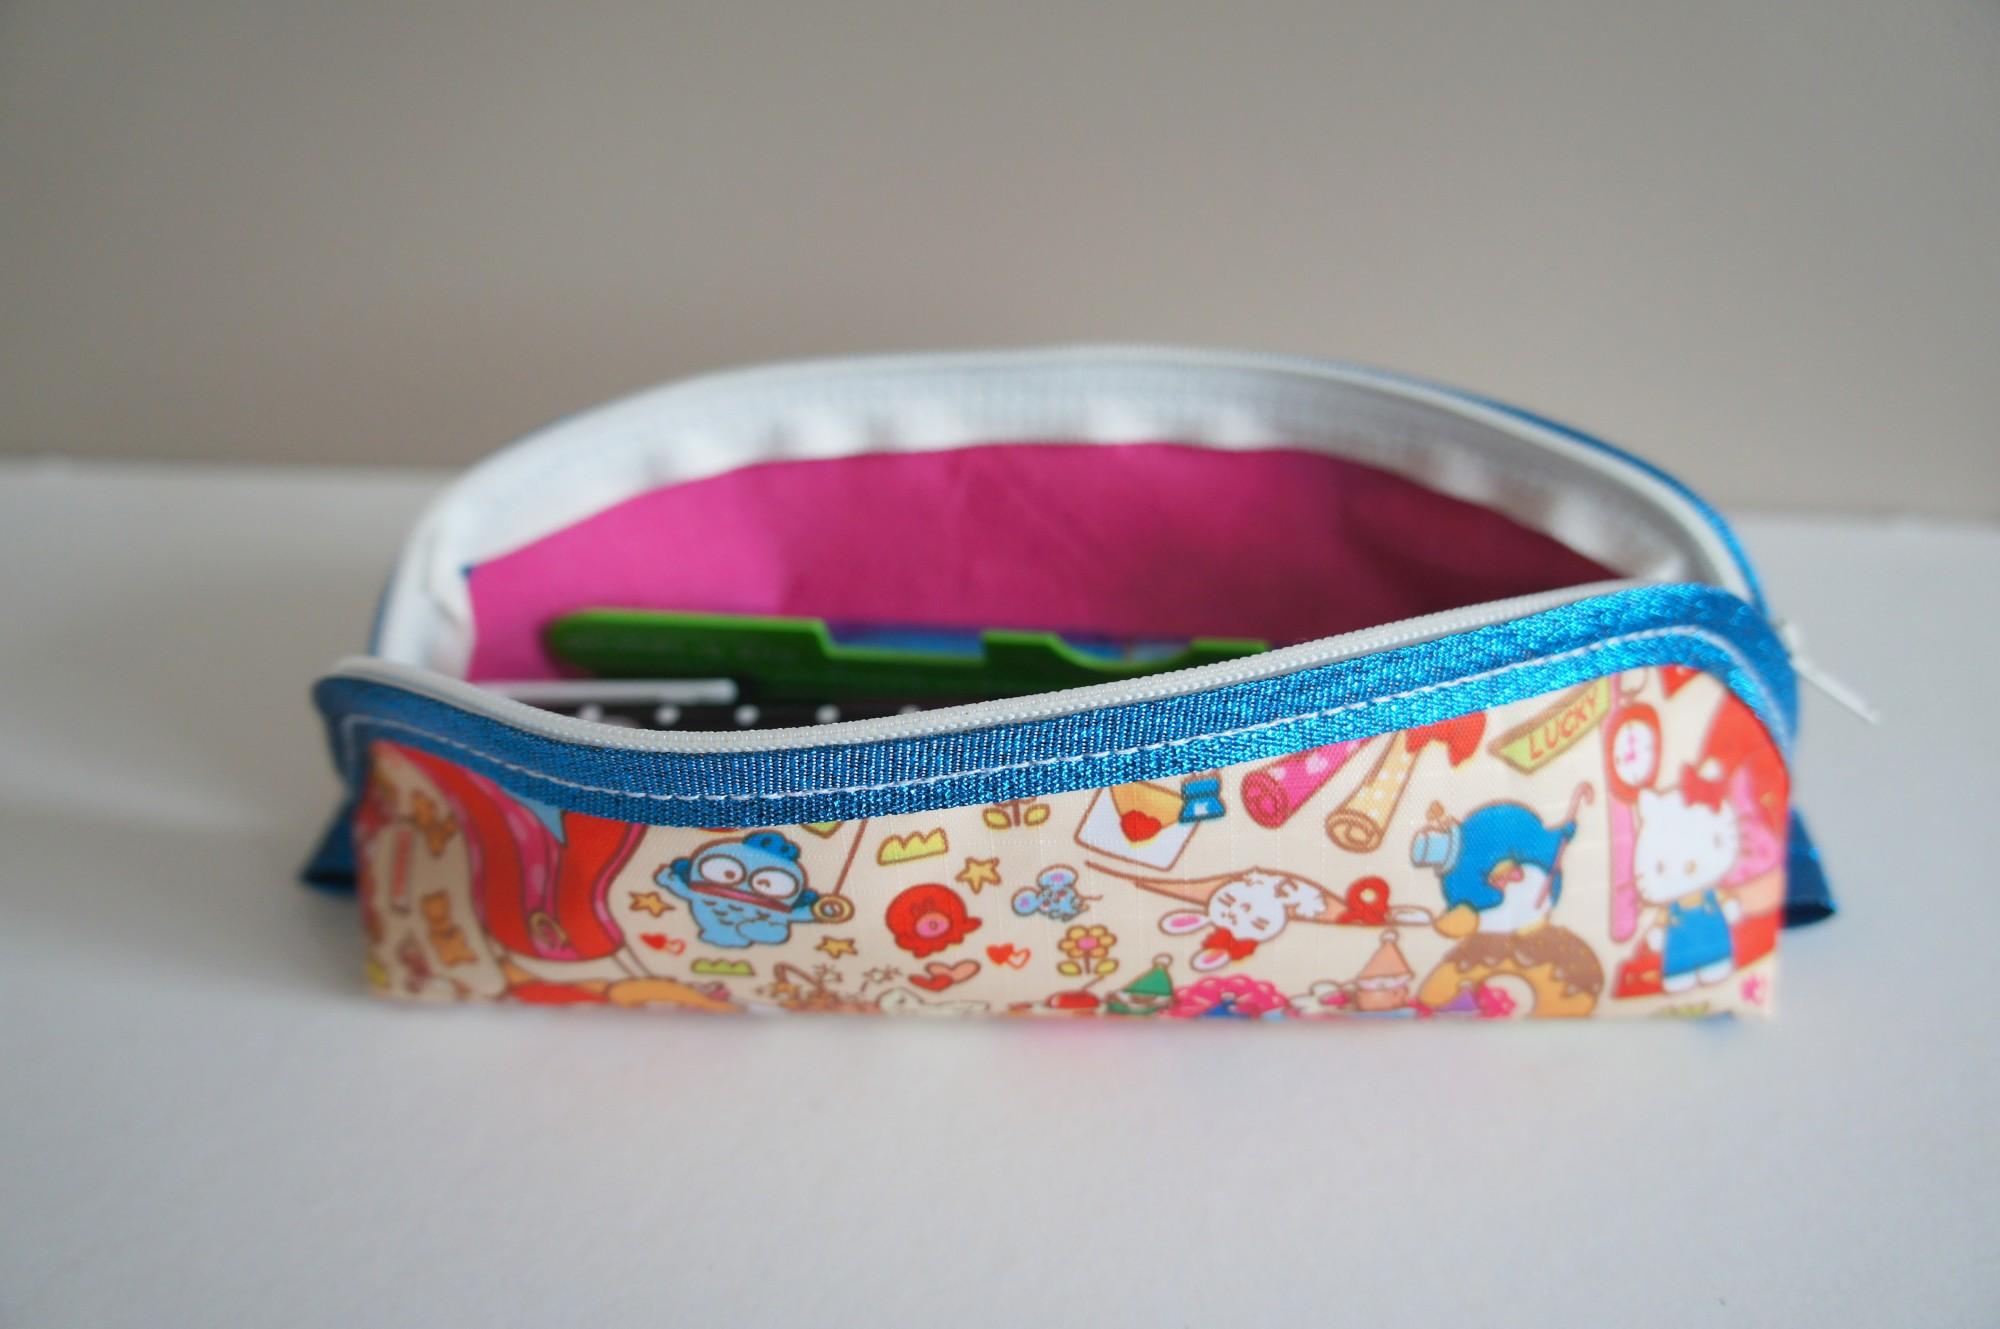 Intérieur rose de la petite trousse à stylos trop mignonne, avec biais bleu flashy pailleté